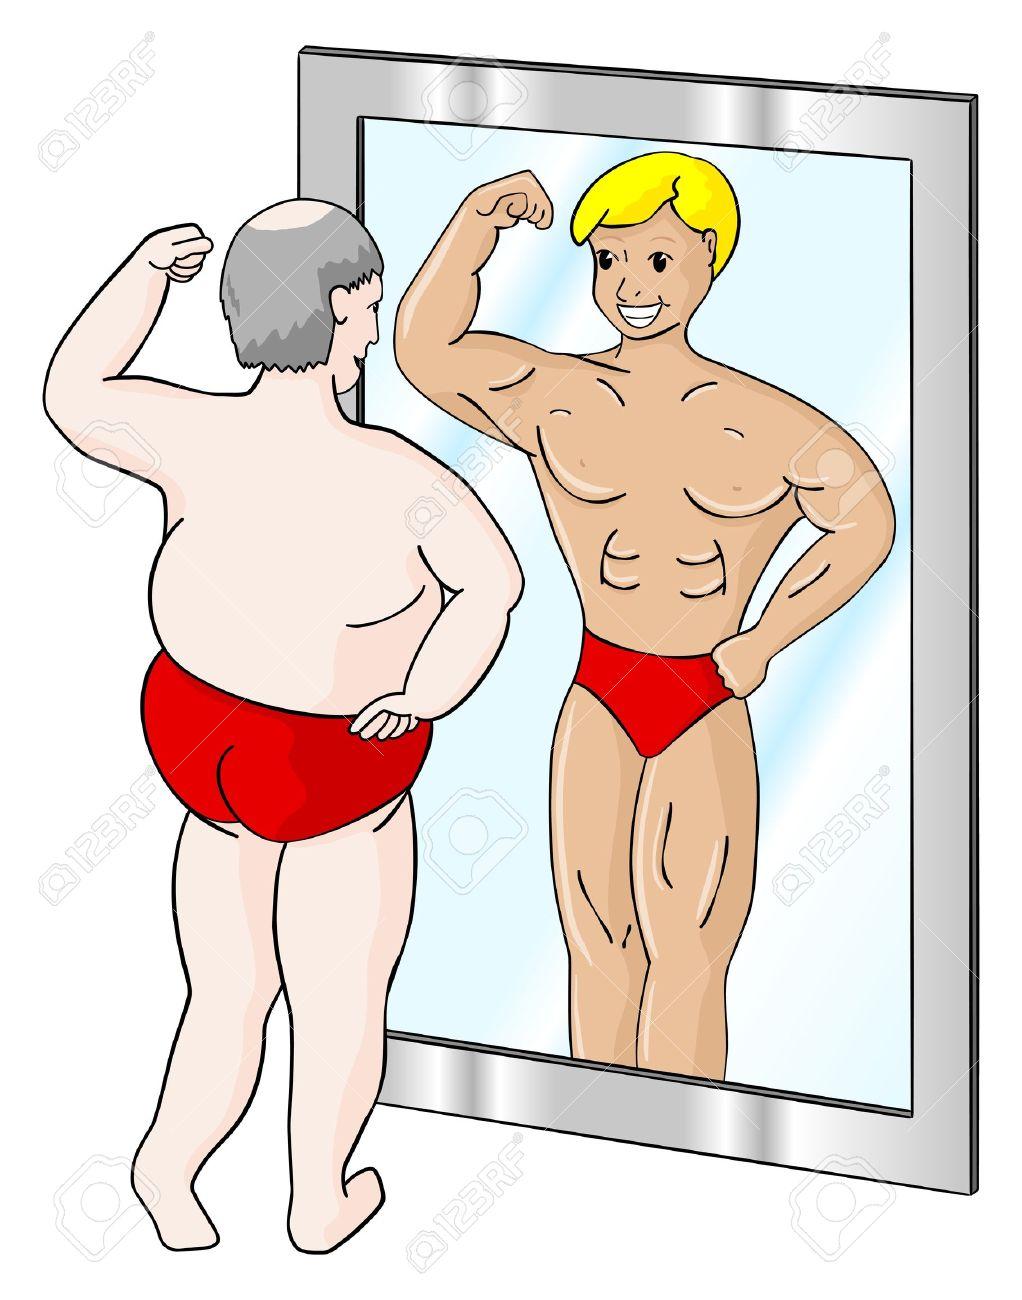 Рисунки толстого члена 4 фотография